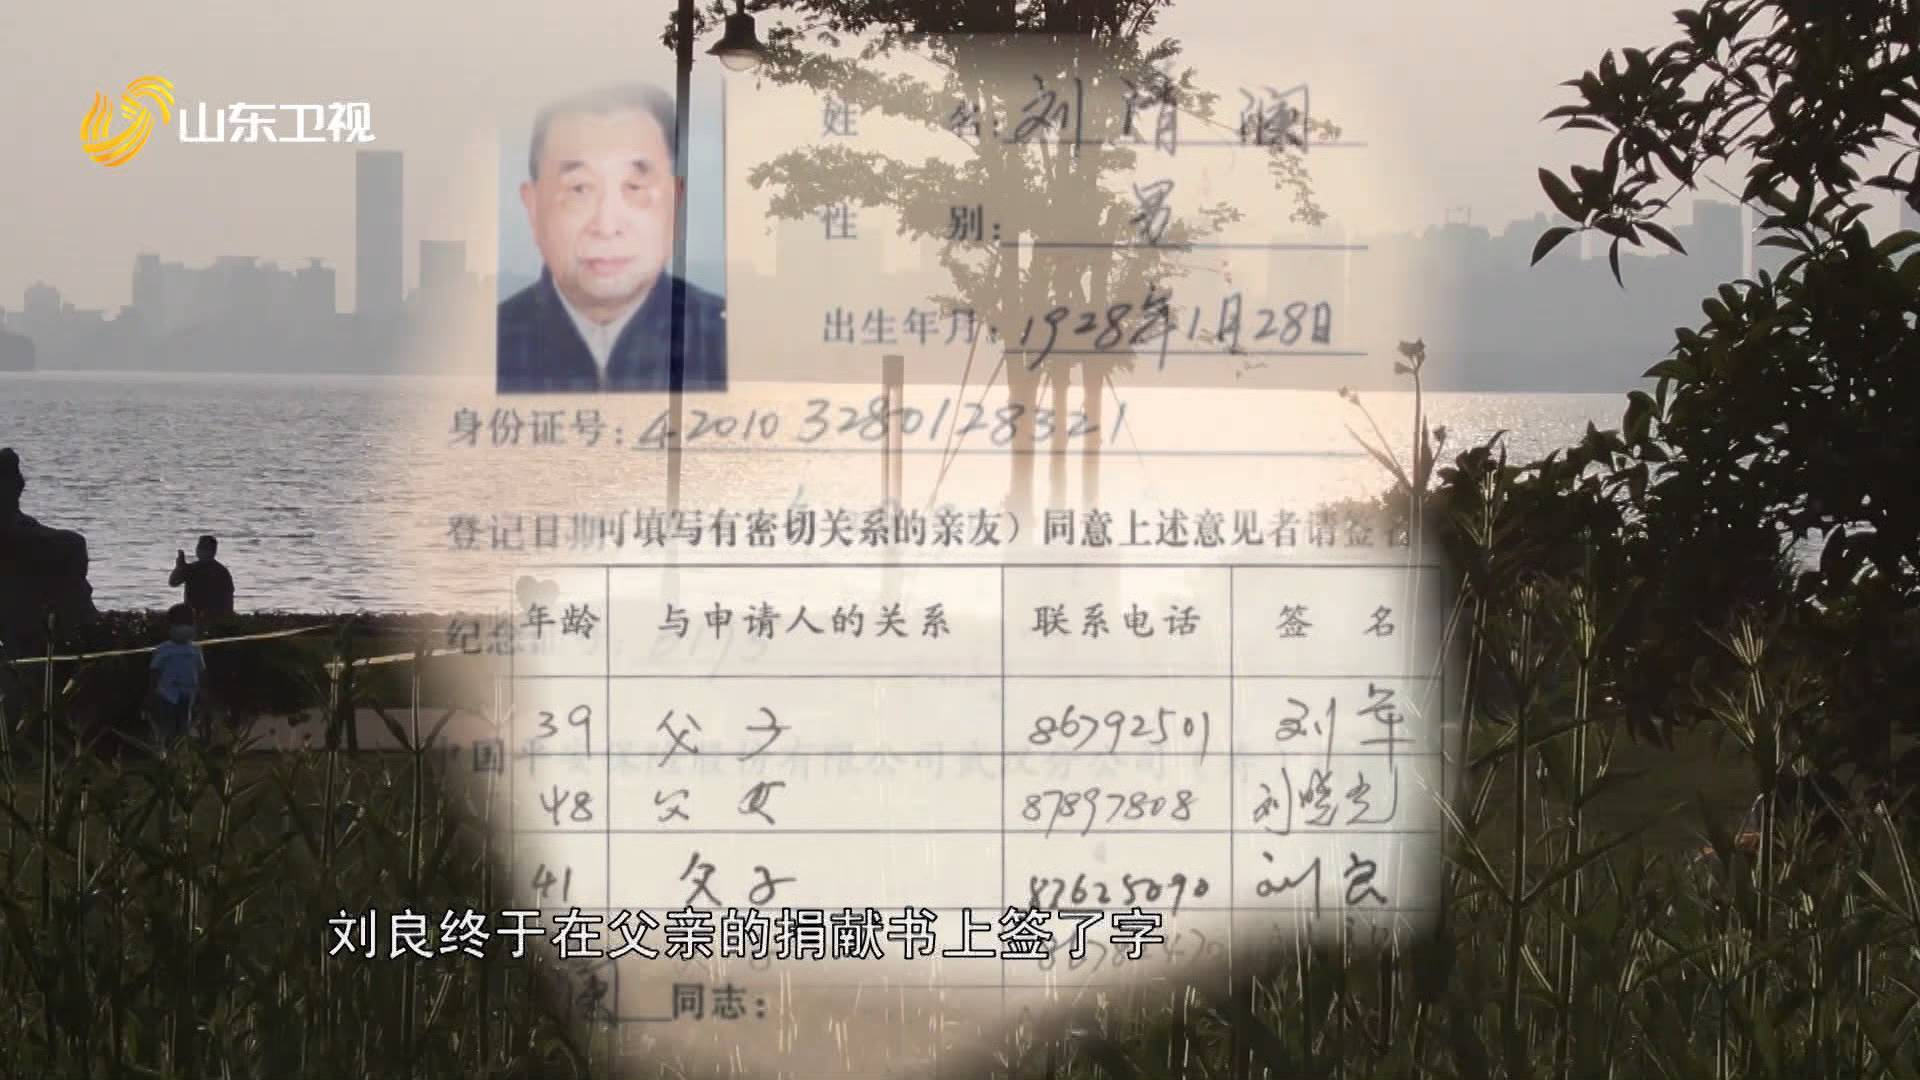 """法医刘良丨父亲申请去世后做""""大体老师"""" 法医儿子纠结多年终于签字同意"""